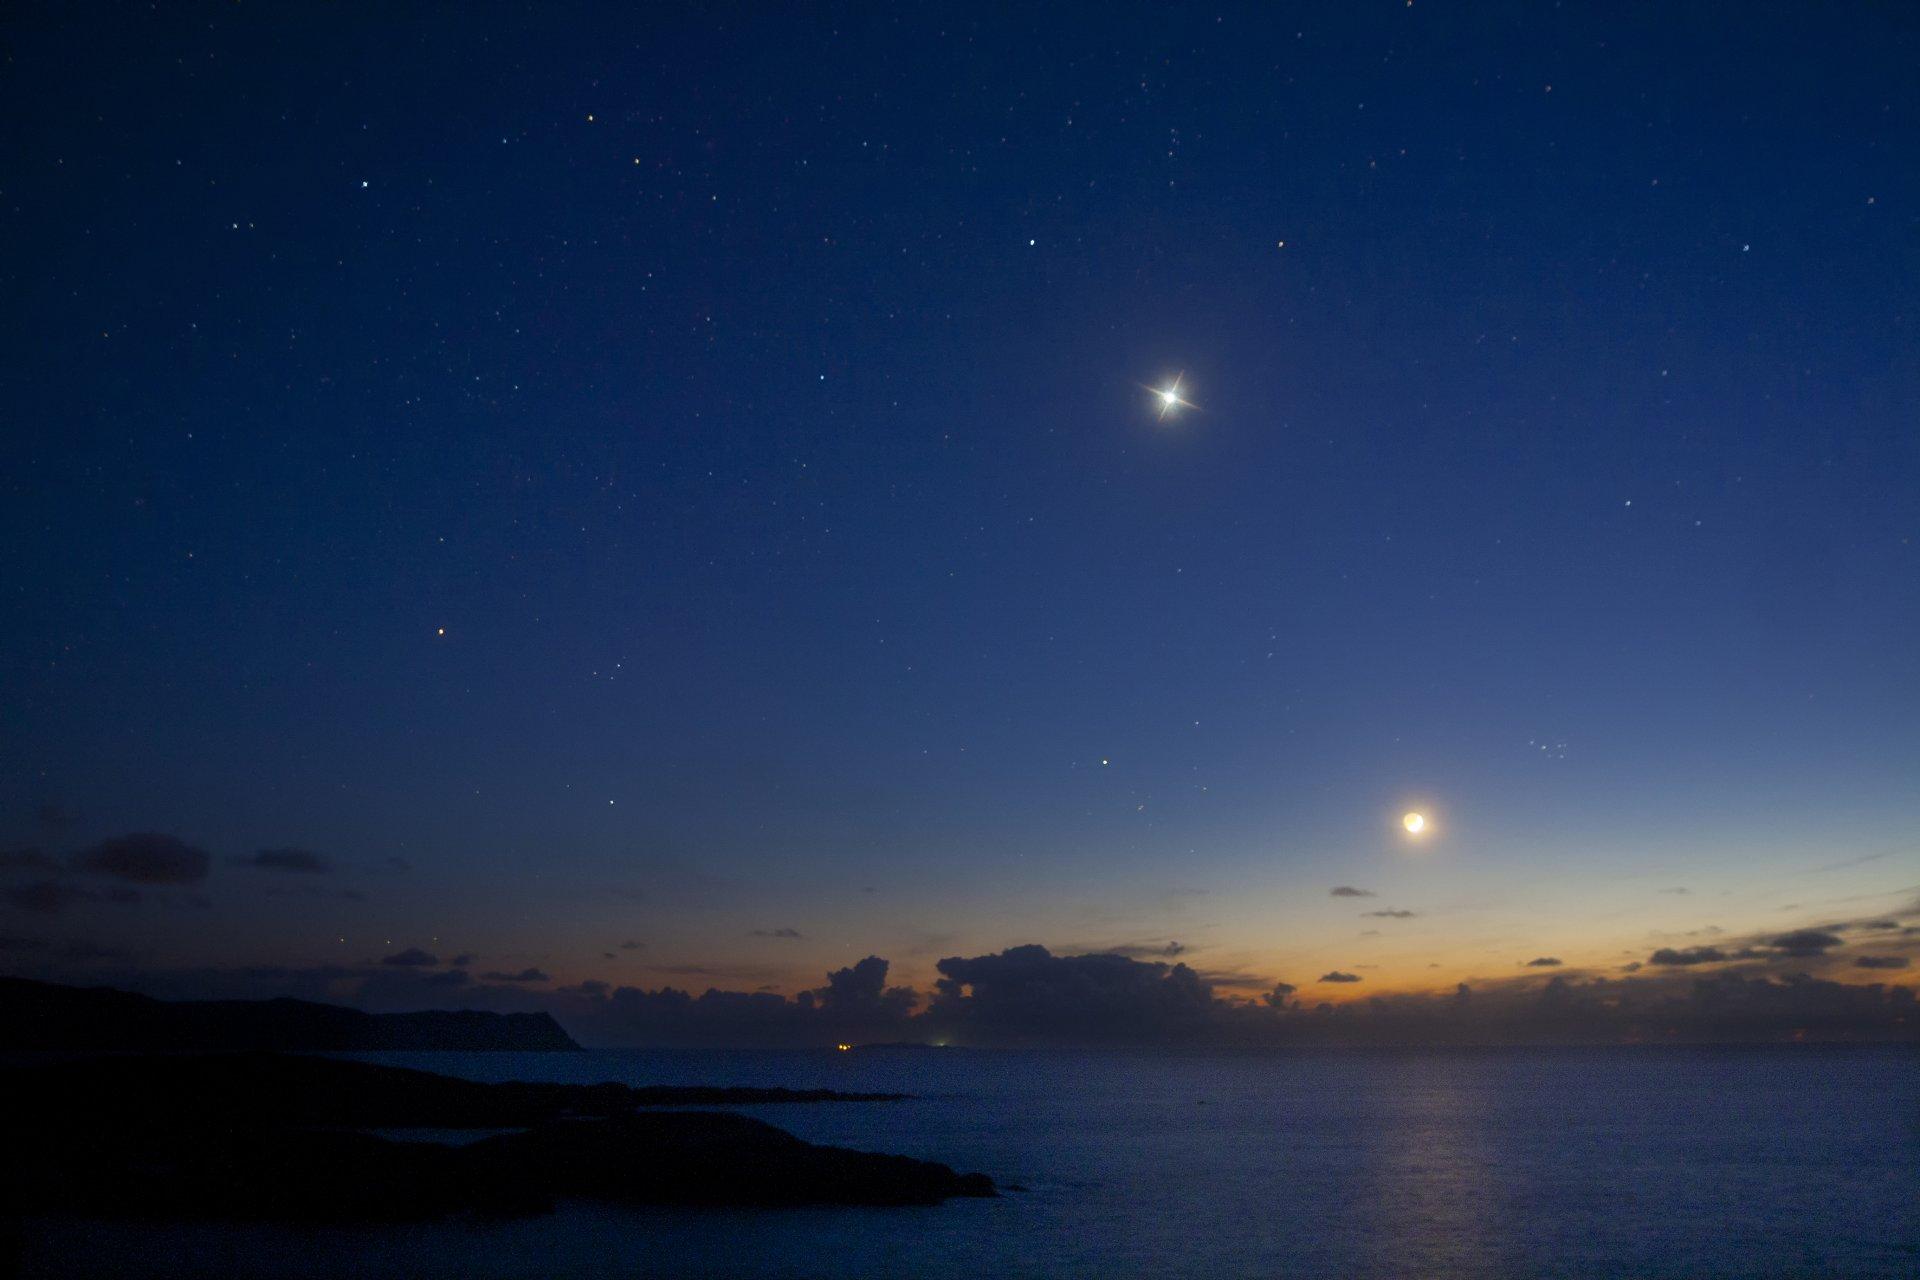 принадлежностью луна на звездном небе фото высокого разрешения время бесконечная, скромная